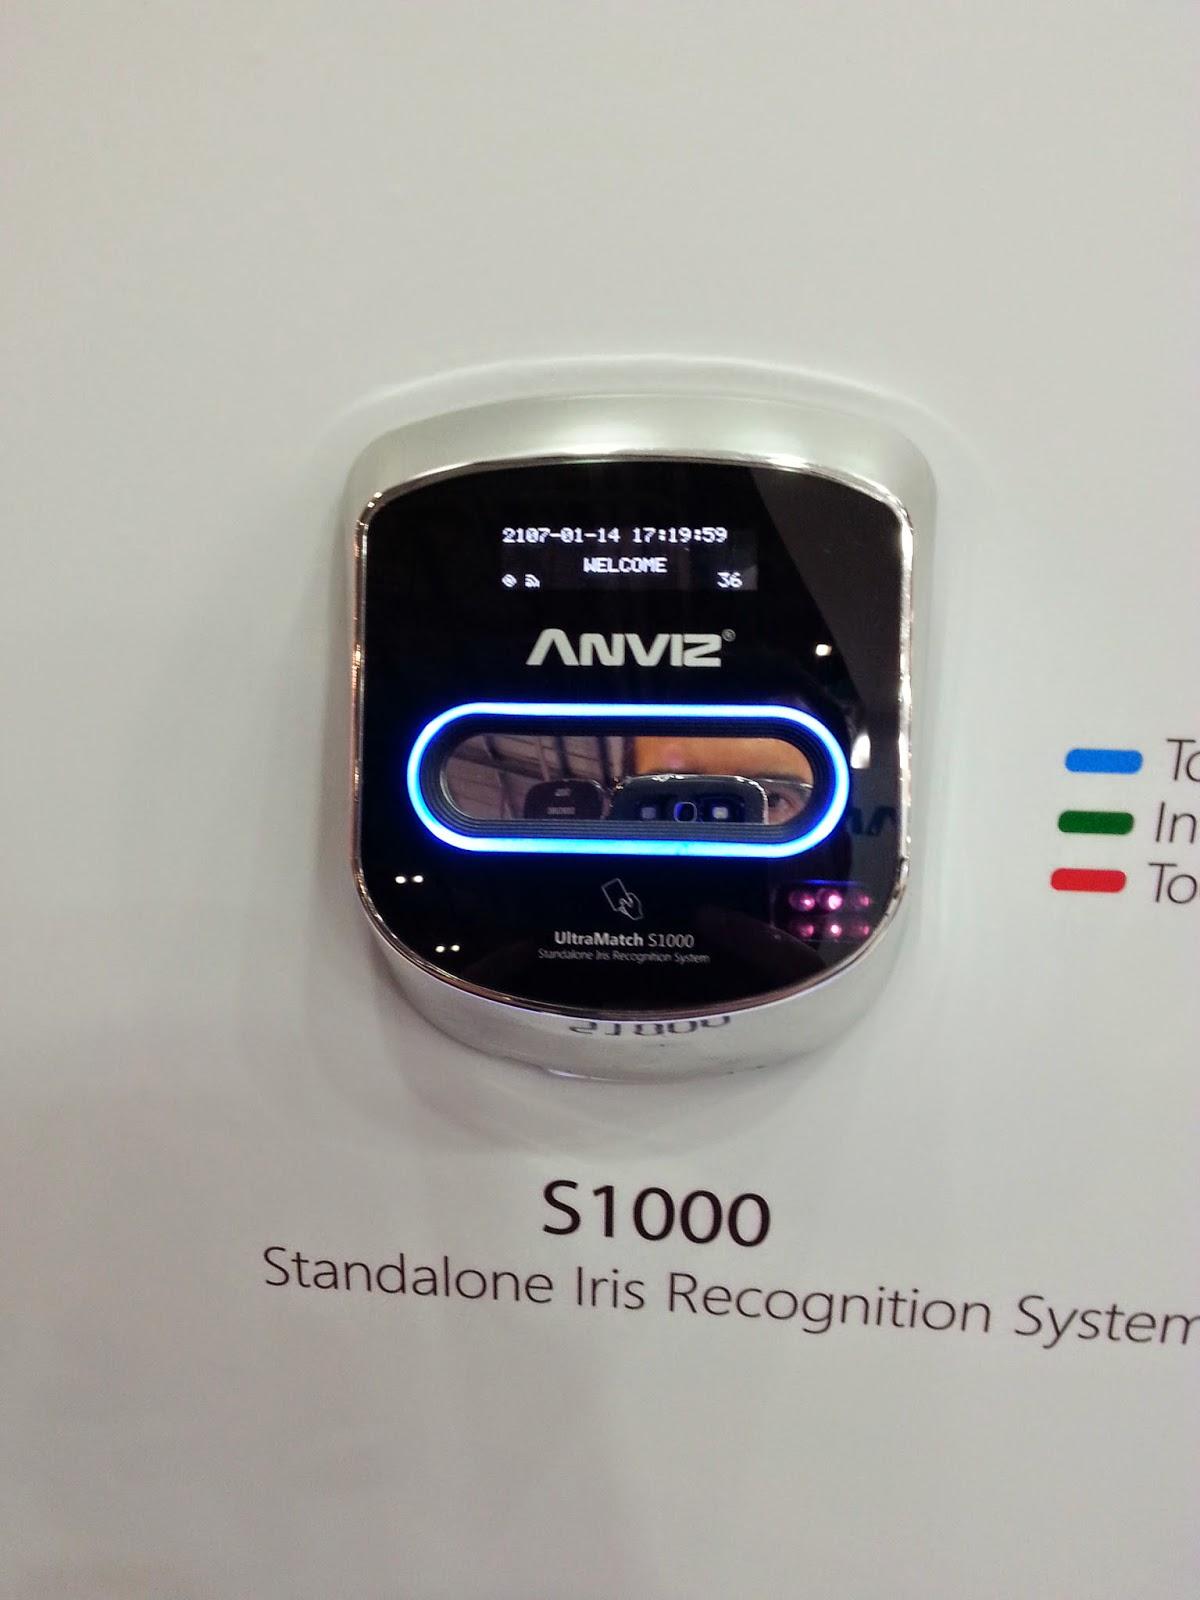 Terminal de accesos por Iris de Anviz, modelo S100